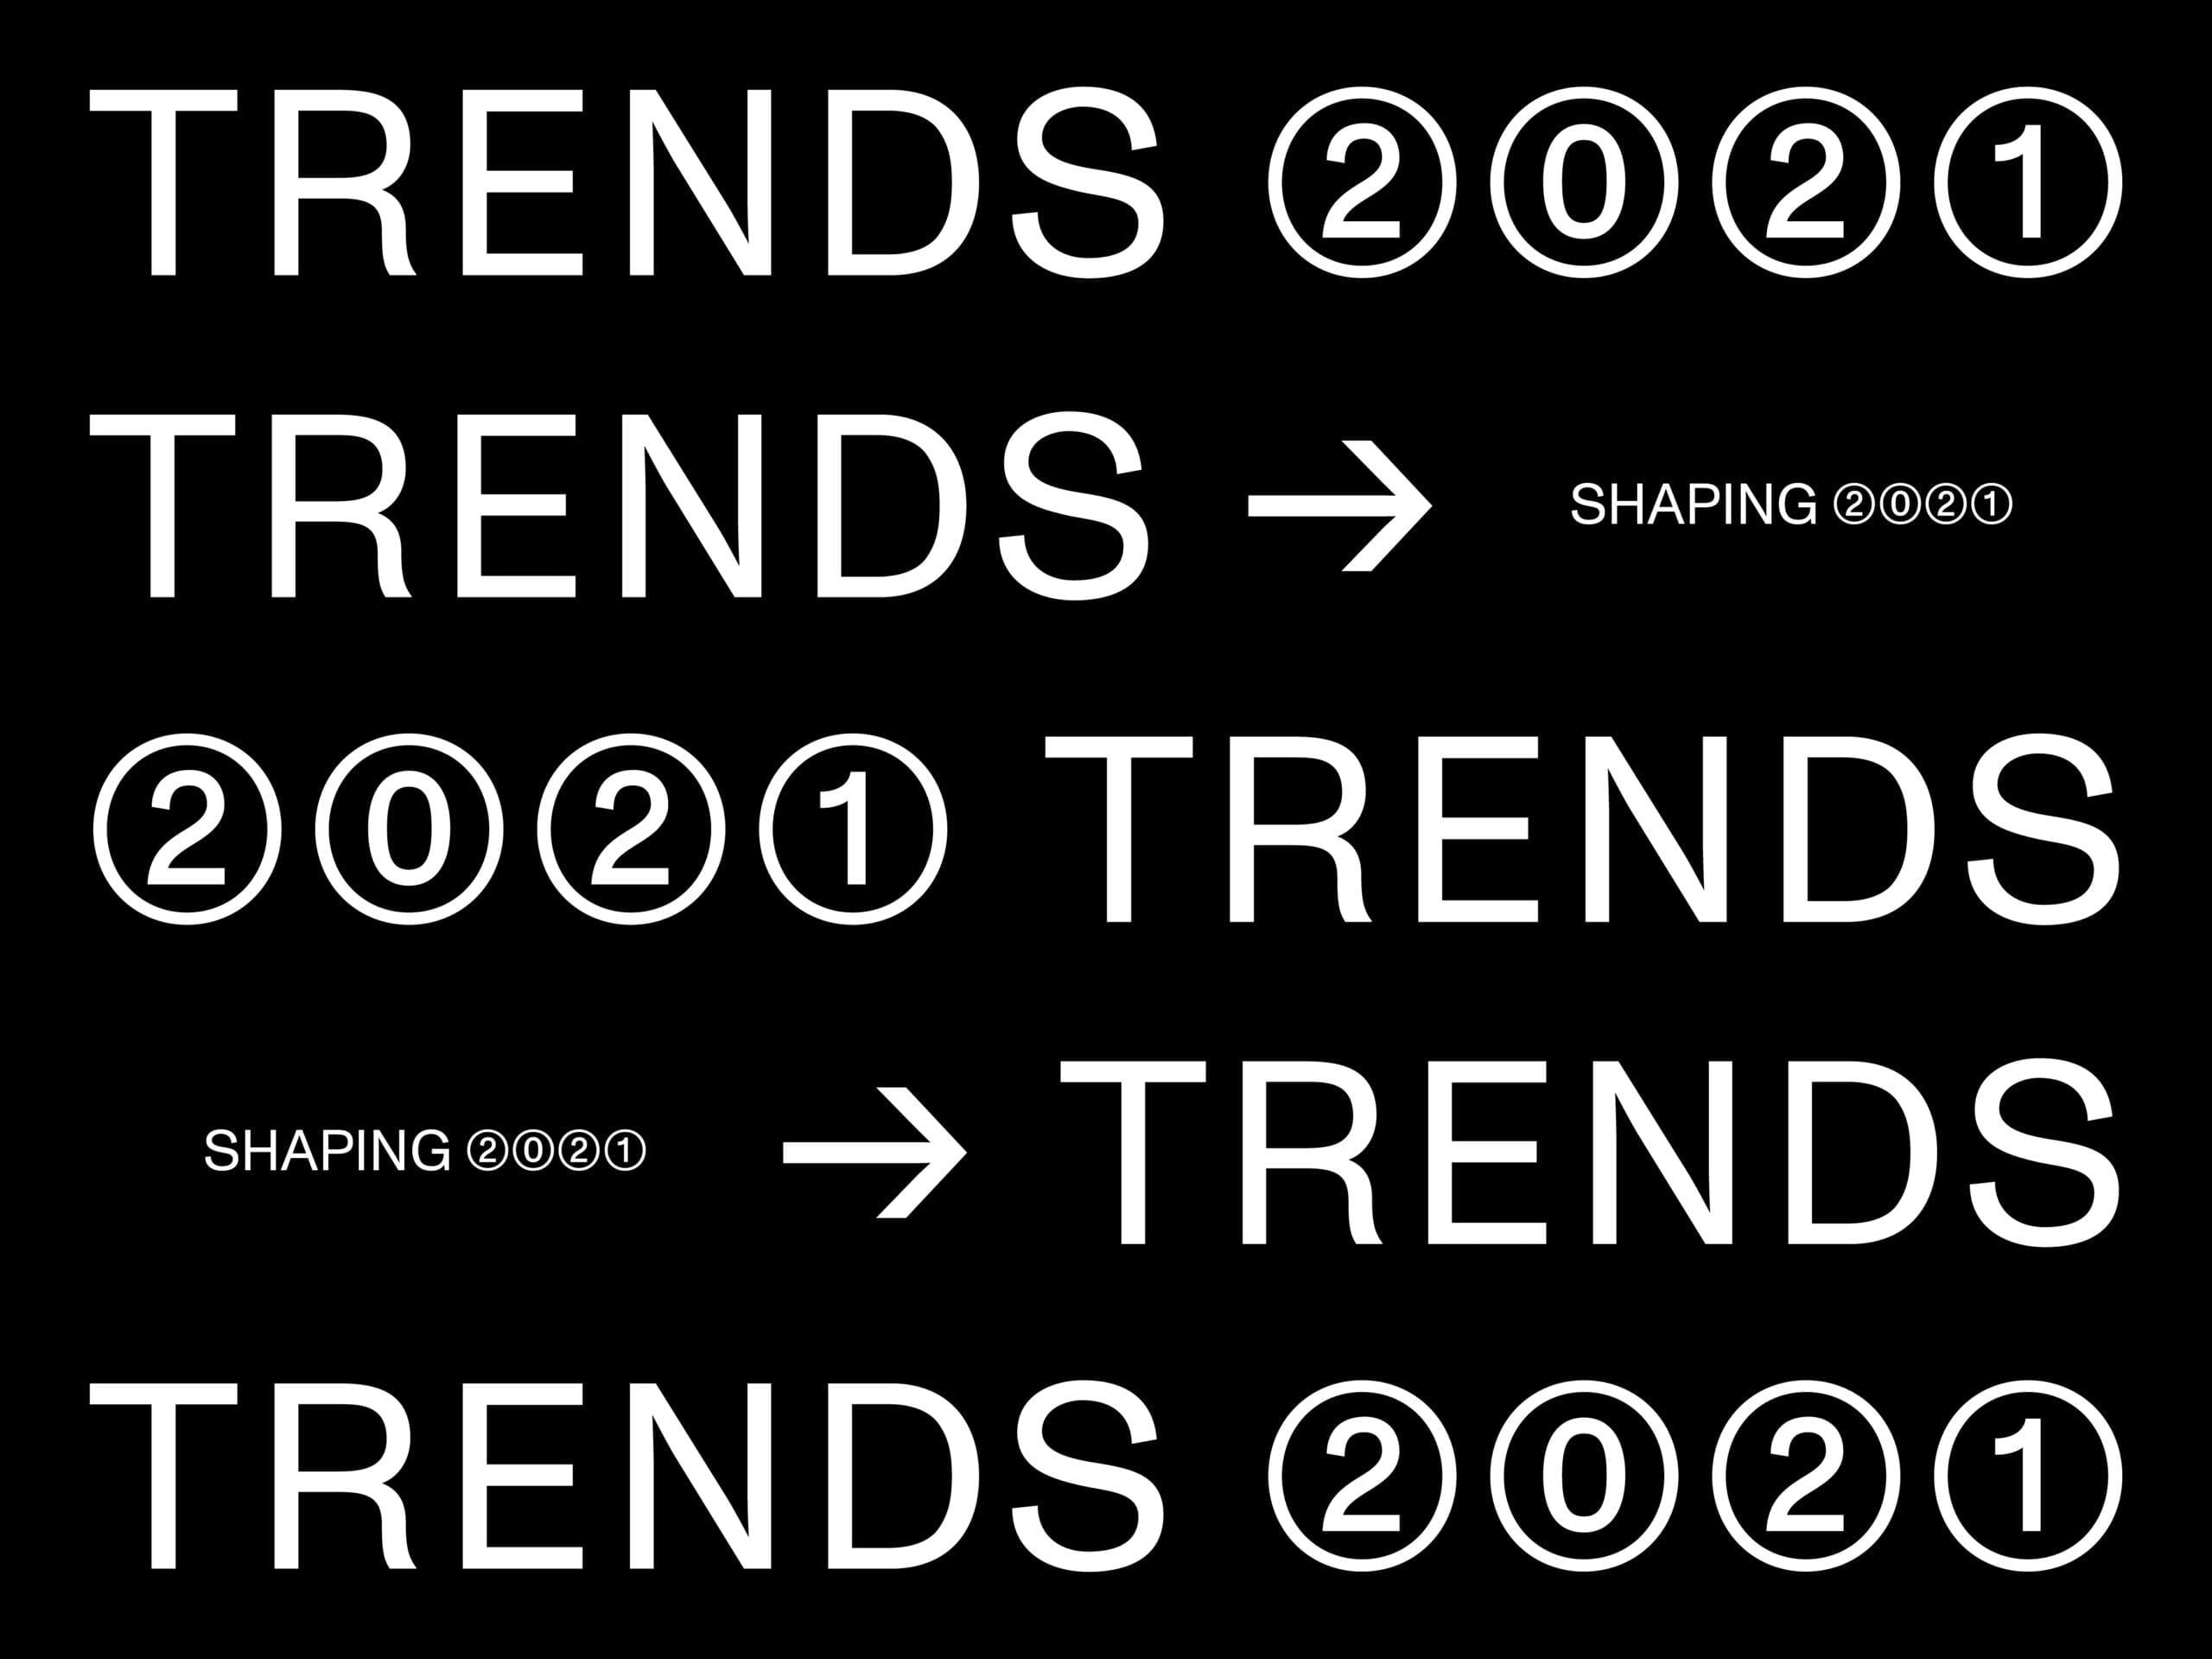 Maynard 2021 Trends